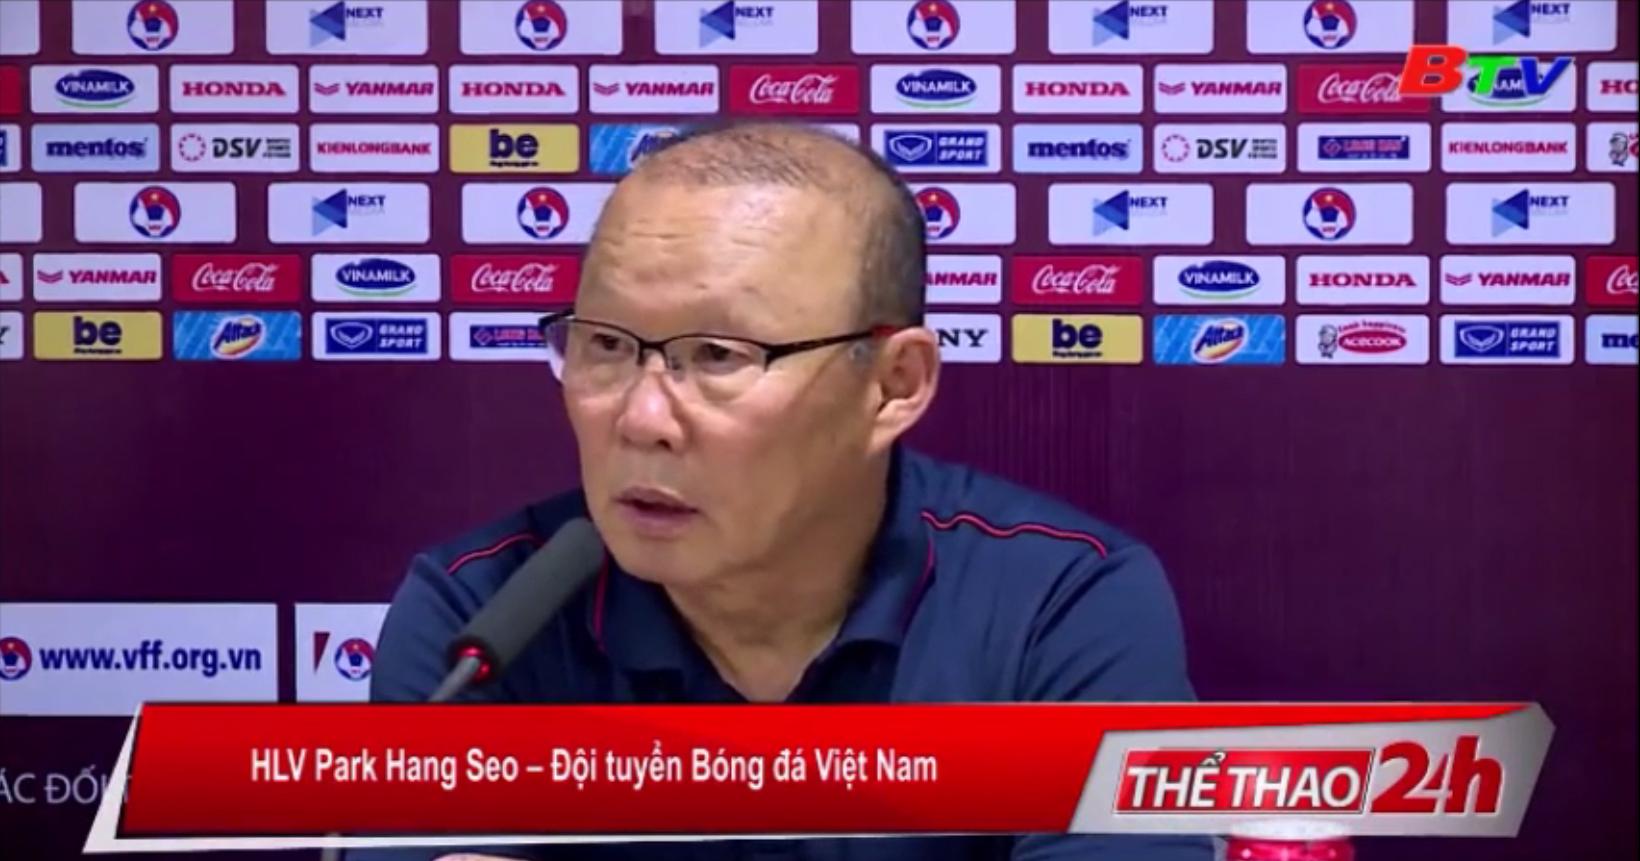 Trước trận cầu tâm điểm của bảng G vòng loại World Cup 2022 khu vực châu Á